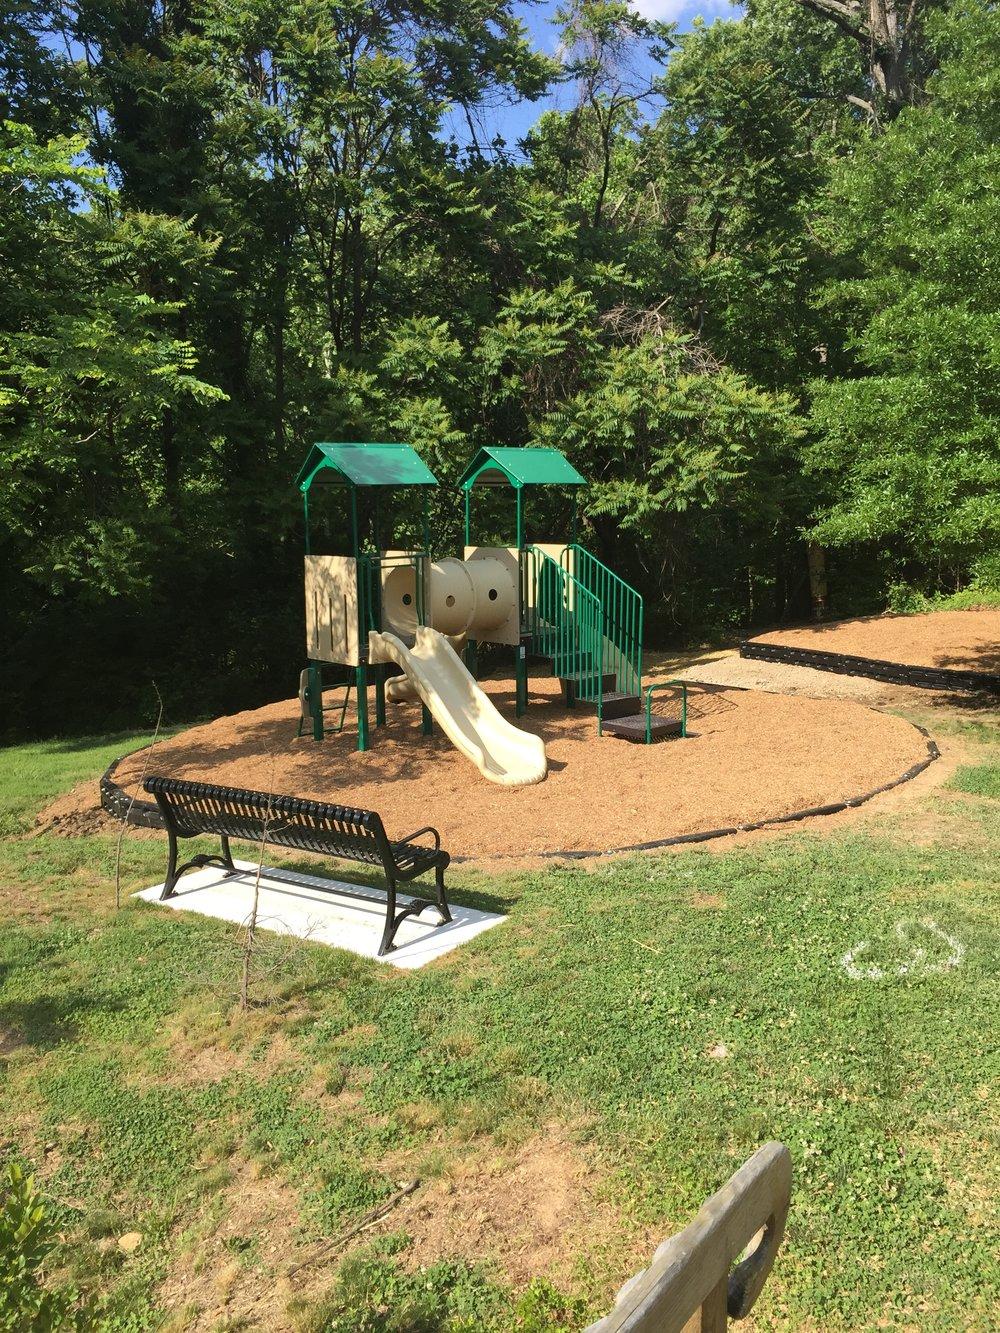 Hillcrest Playground: Excavation